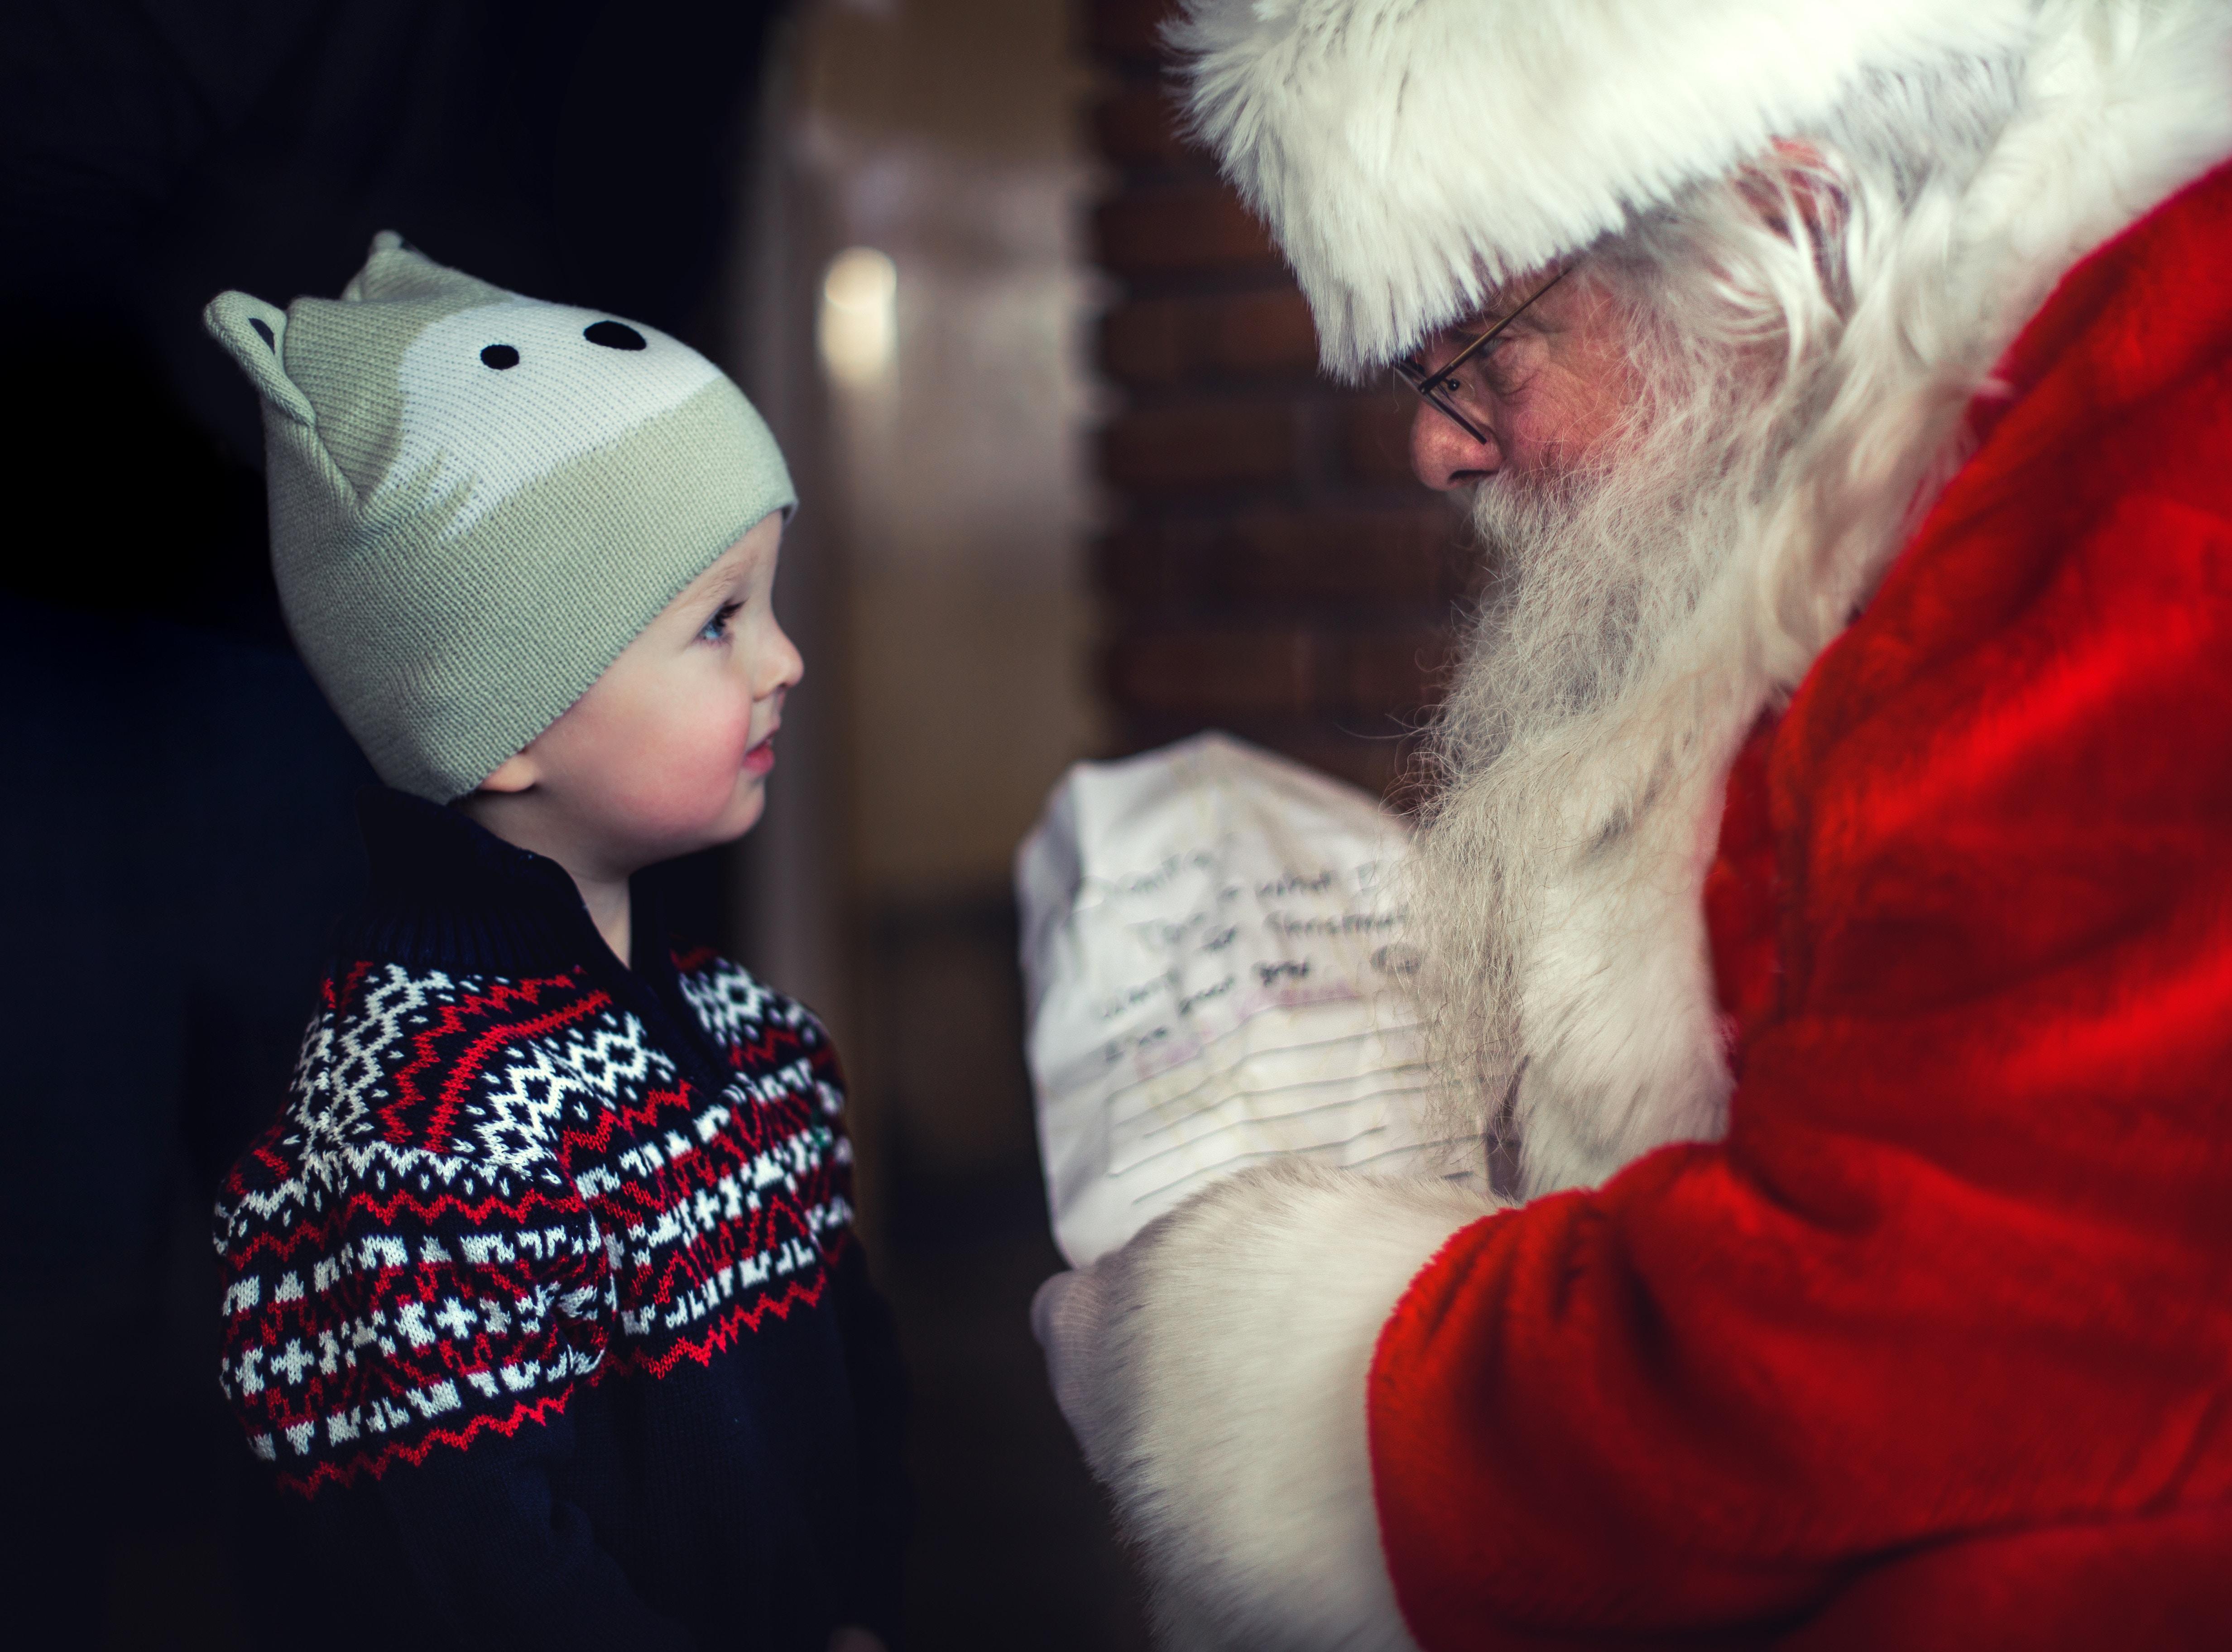 ¿Por qué las campañas de Navidad tocan la fibra sensible?